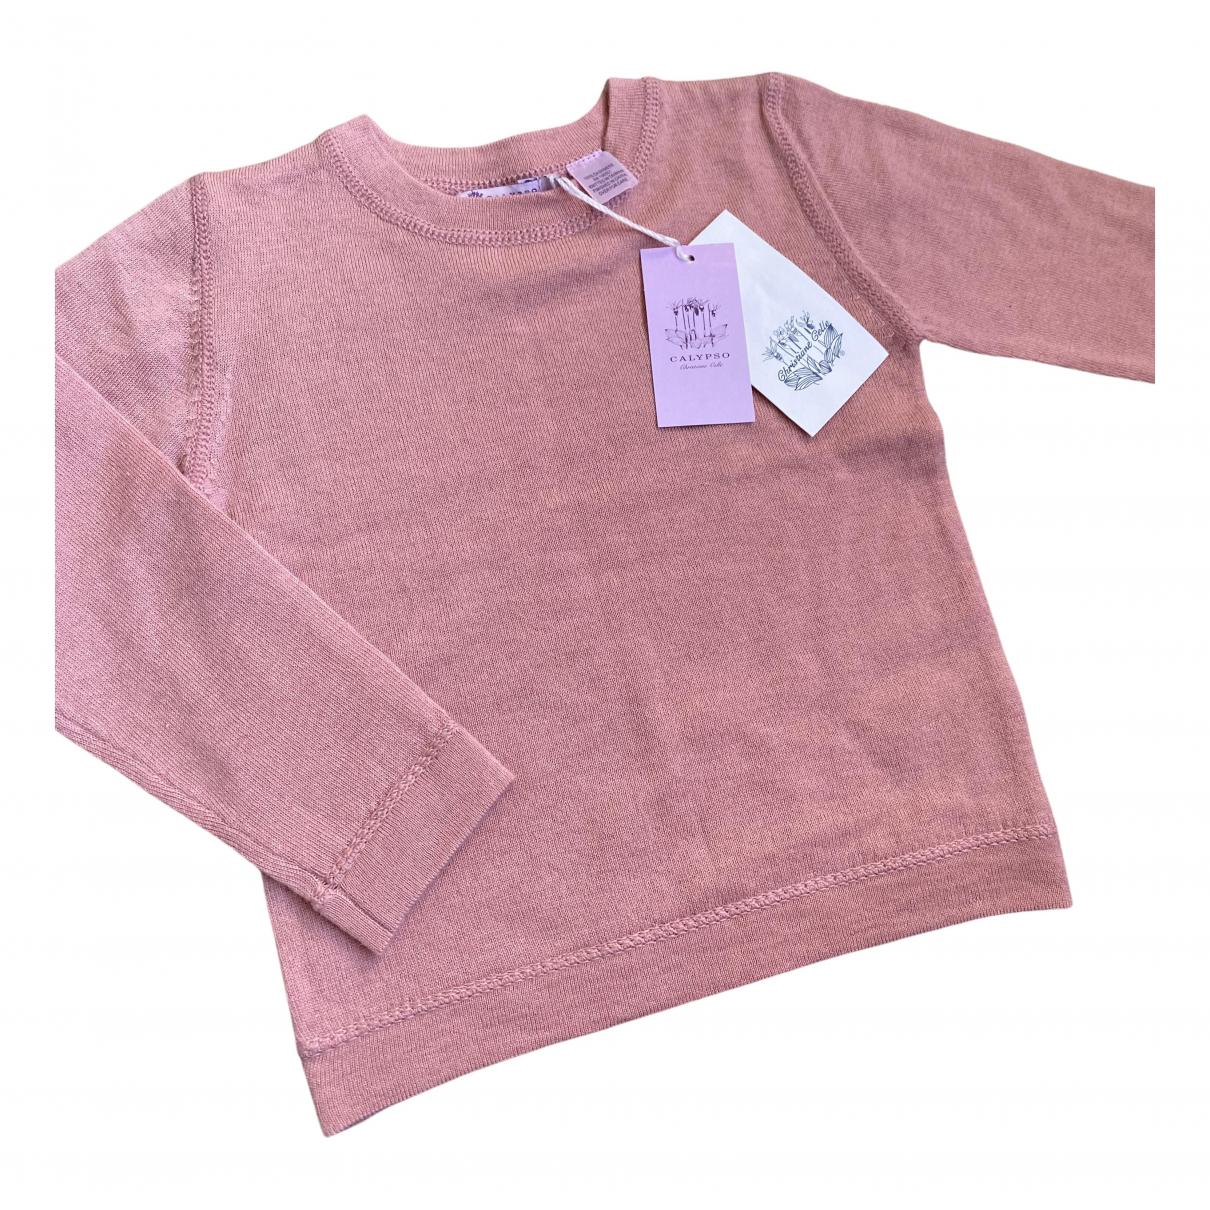 Christiane Celle - Pull   pour enfant en cachemire - rose